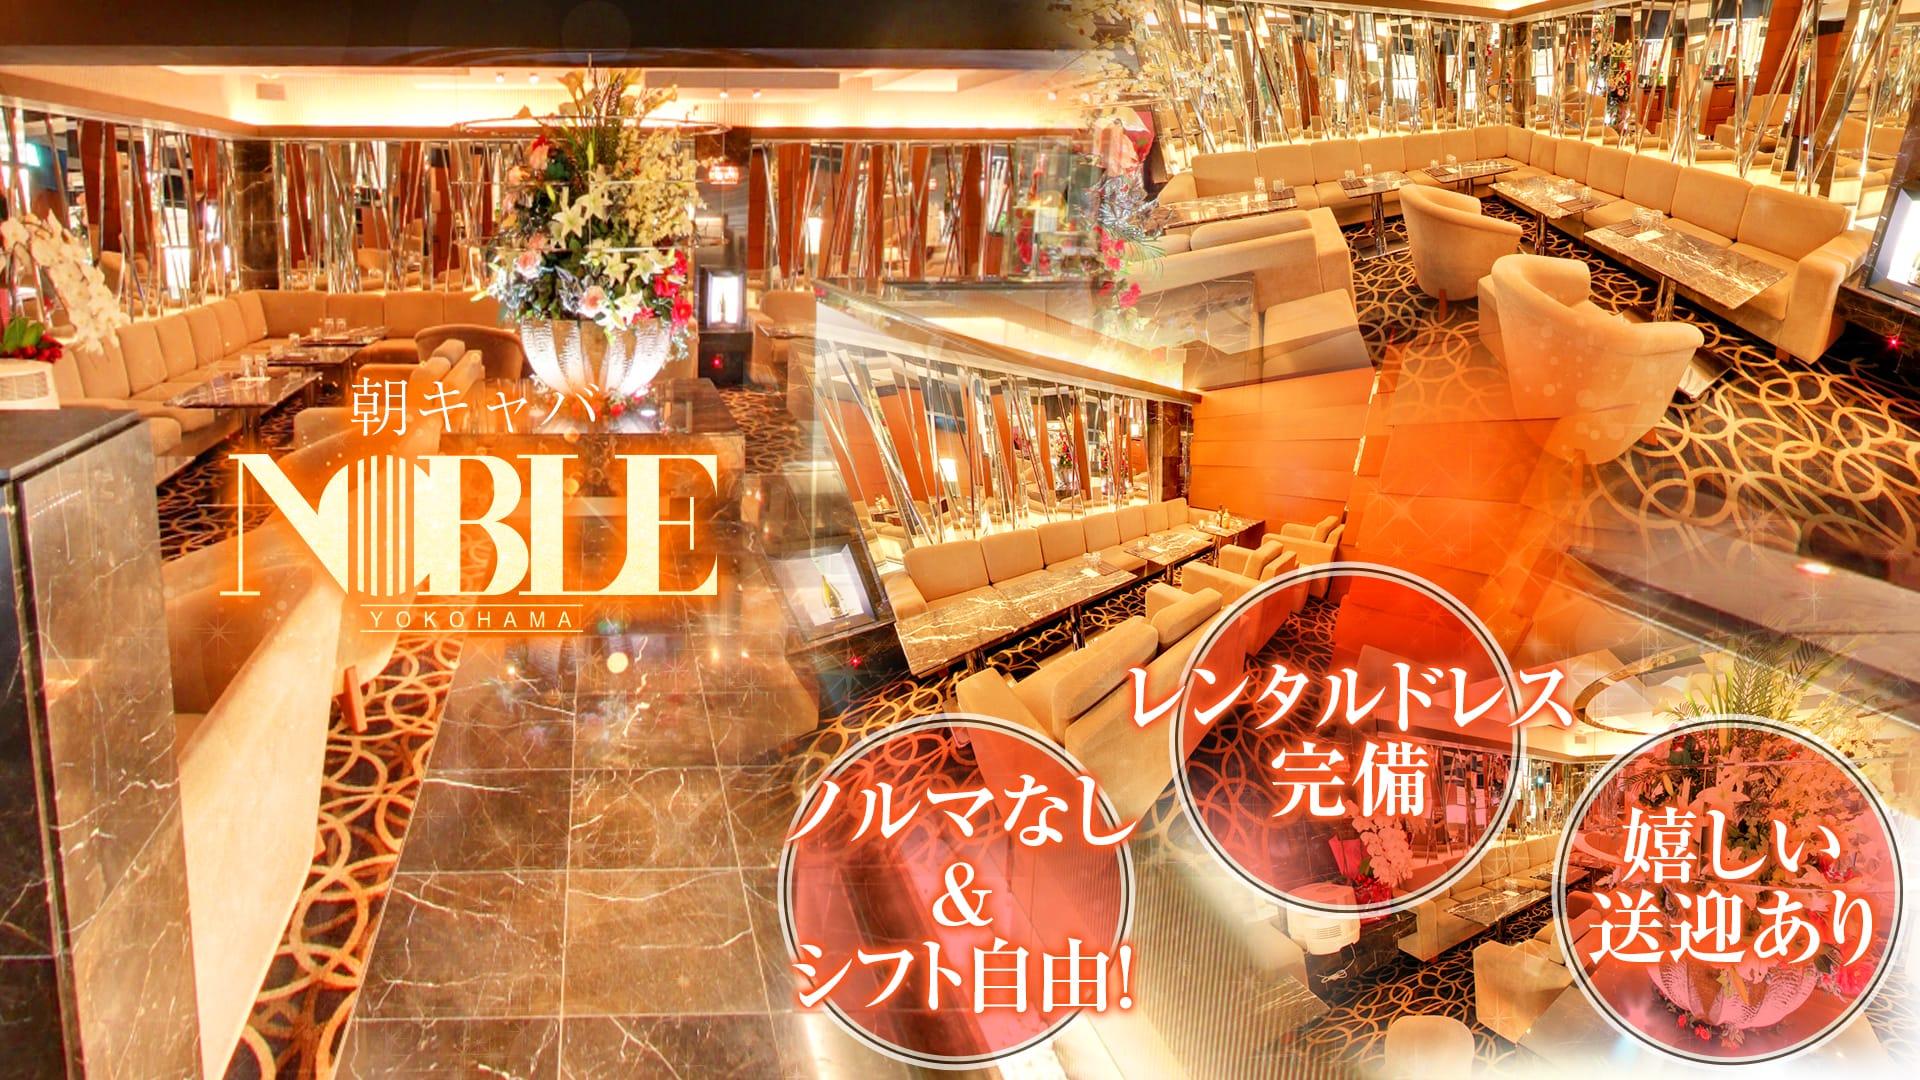 【朝】横浜ノーブル【公式求人・体入情報】 横浜昼キャバ・朝キャバ TOP画像